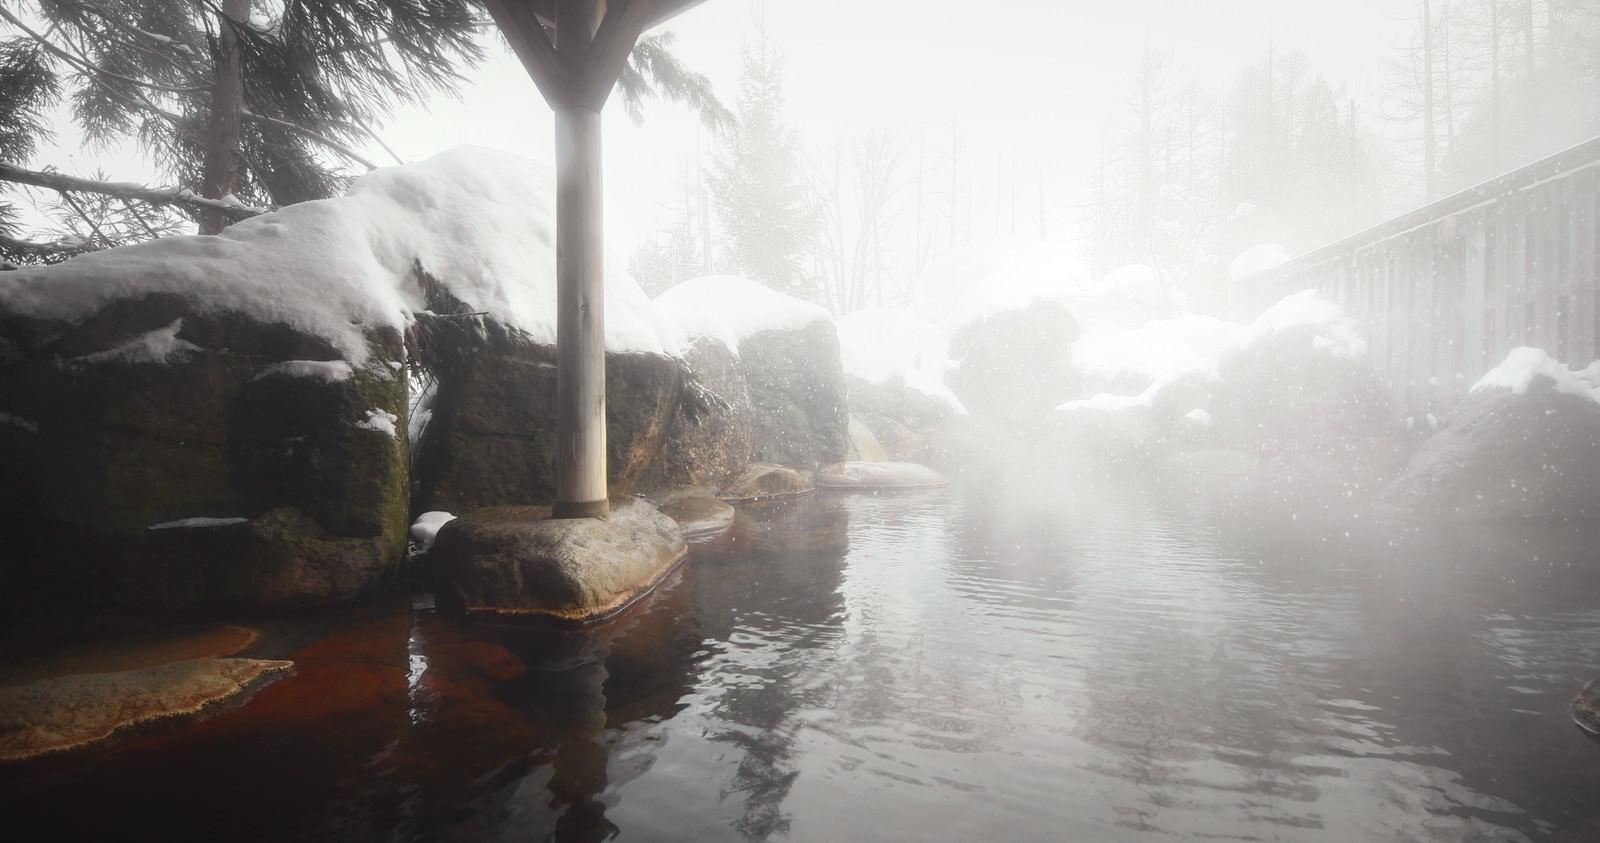 「源泉かけ流しの雪見露天風呂 | 写真の無料素材・フリー素材 - ぱくたそ」の写真